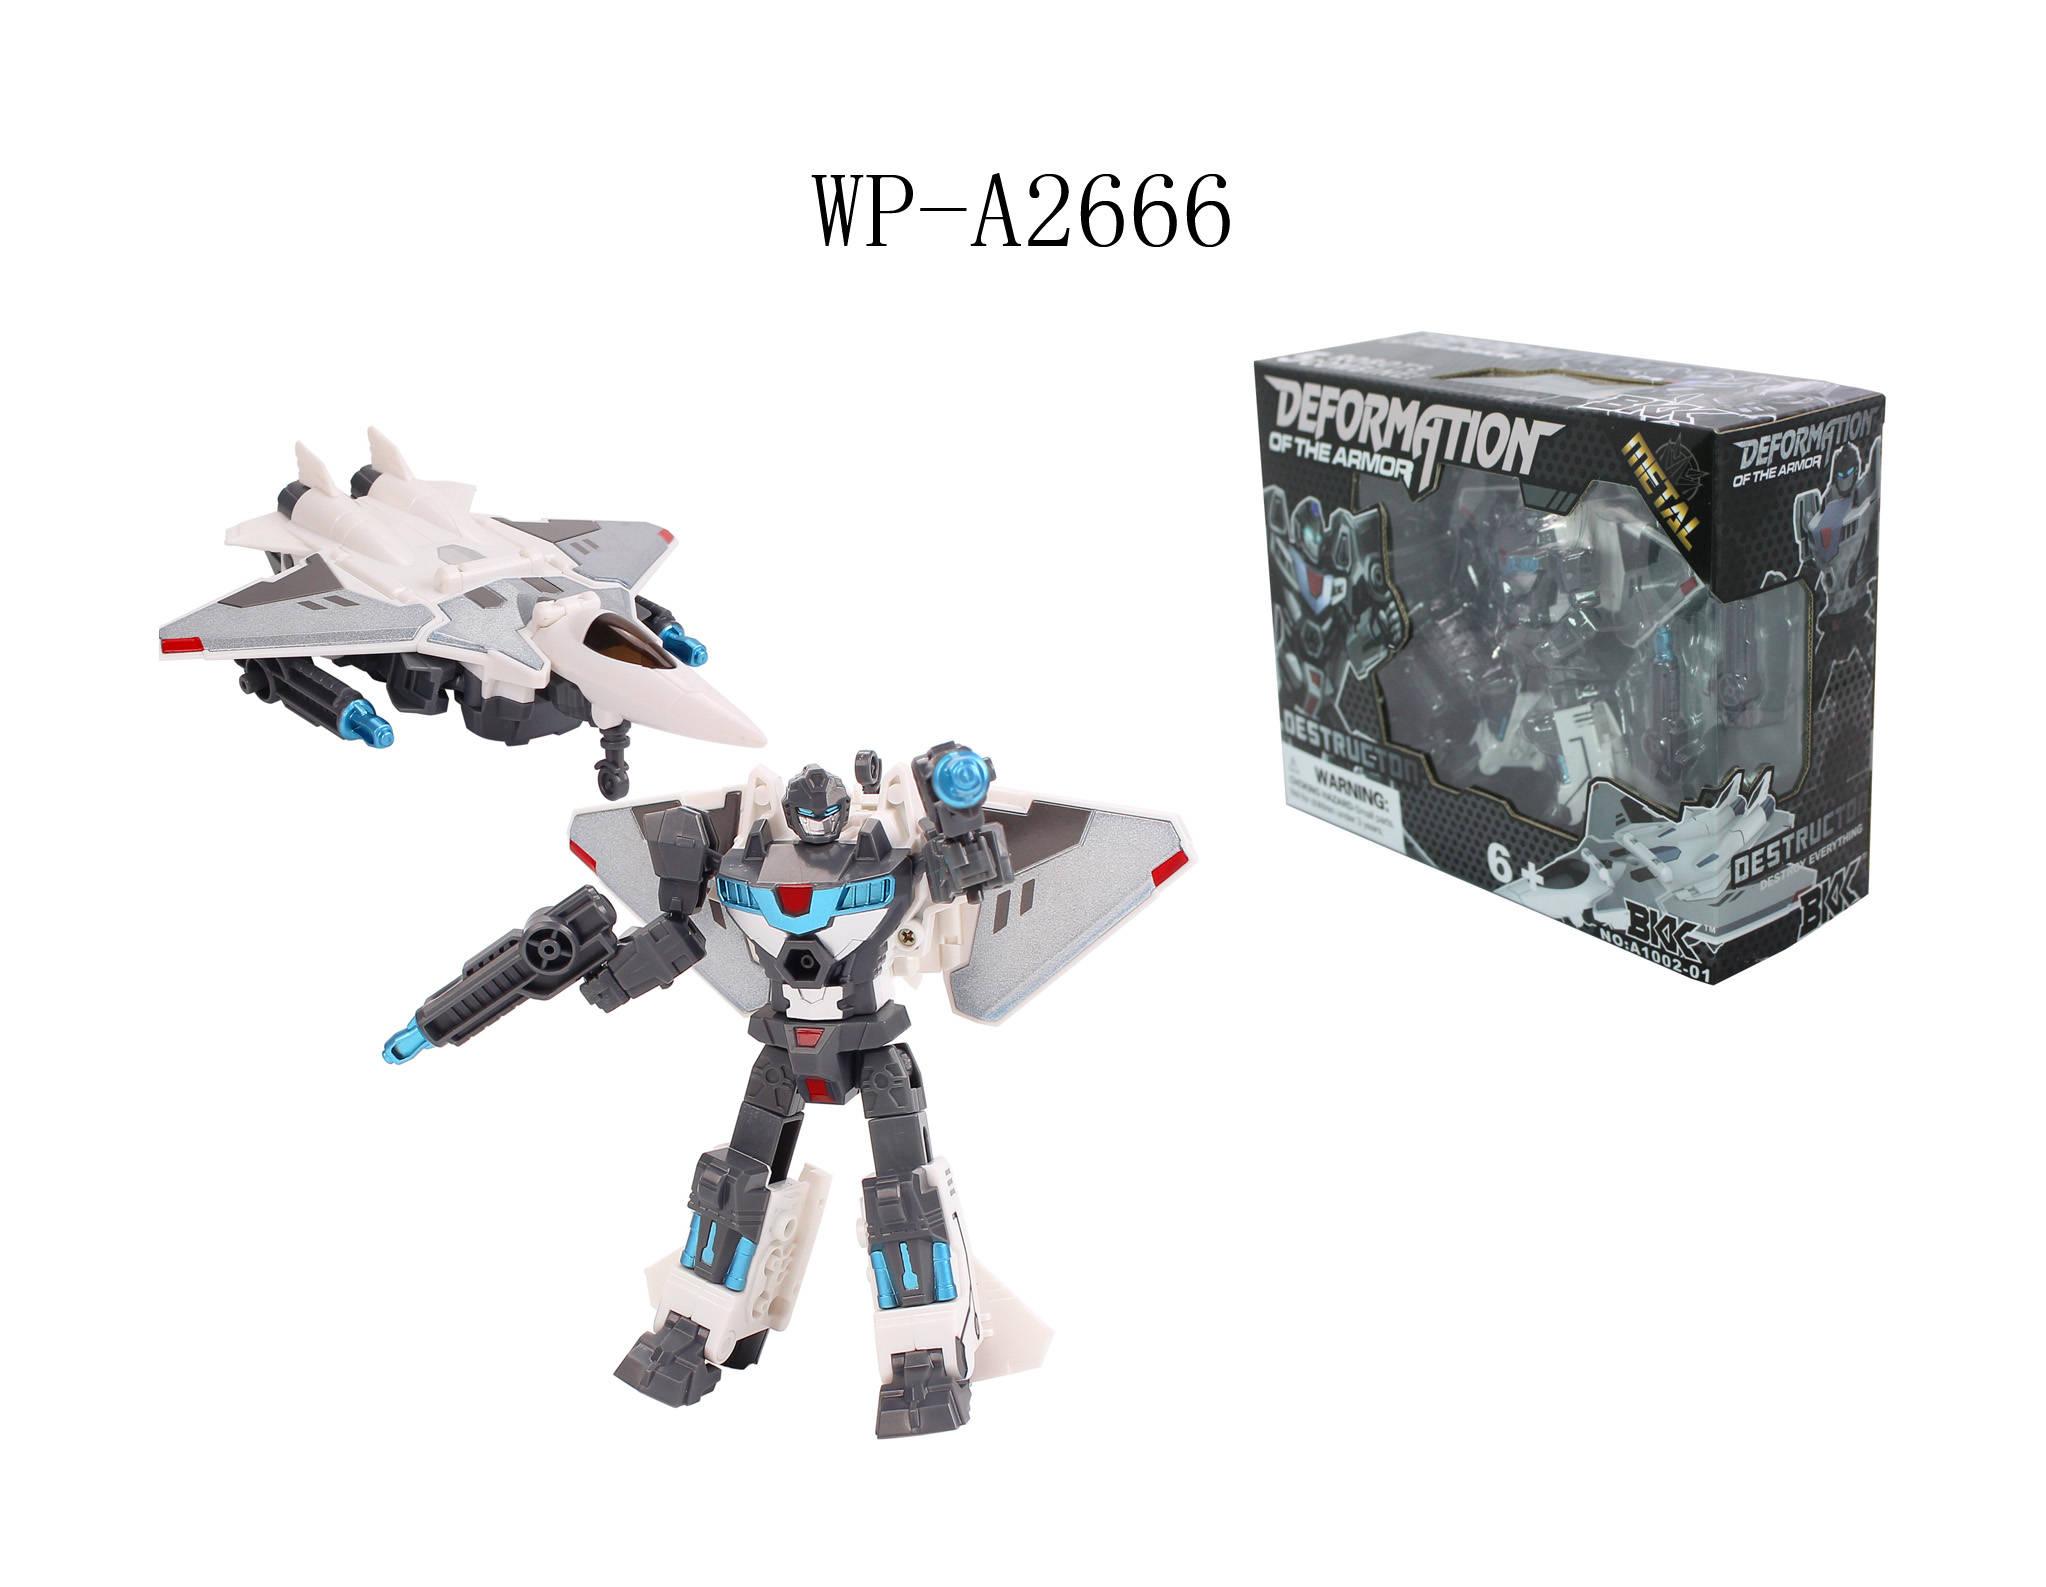 Трансформирующийся робот - DestructionИгрушки трансформеры<br>Трансформирующийся робот - Destruction<br>